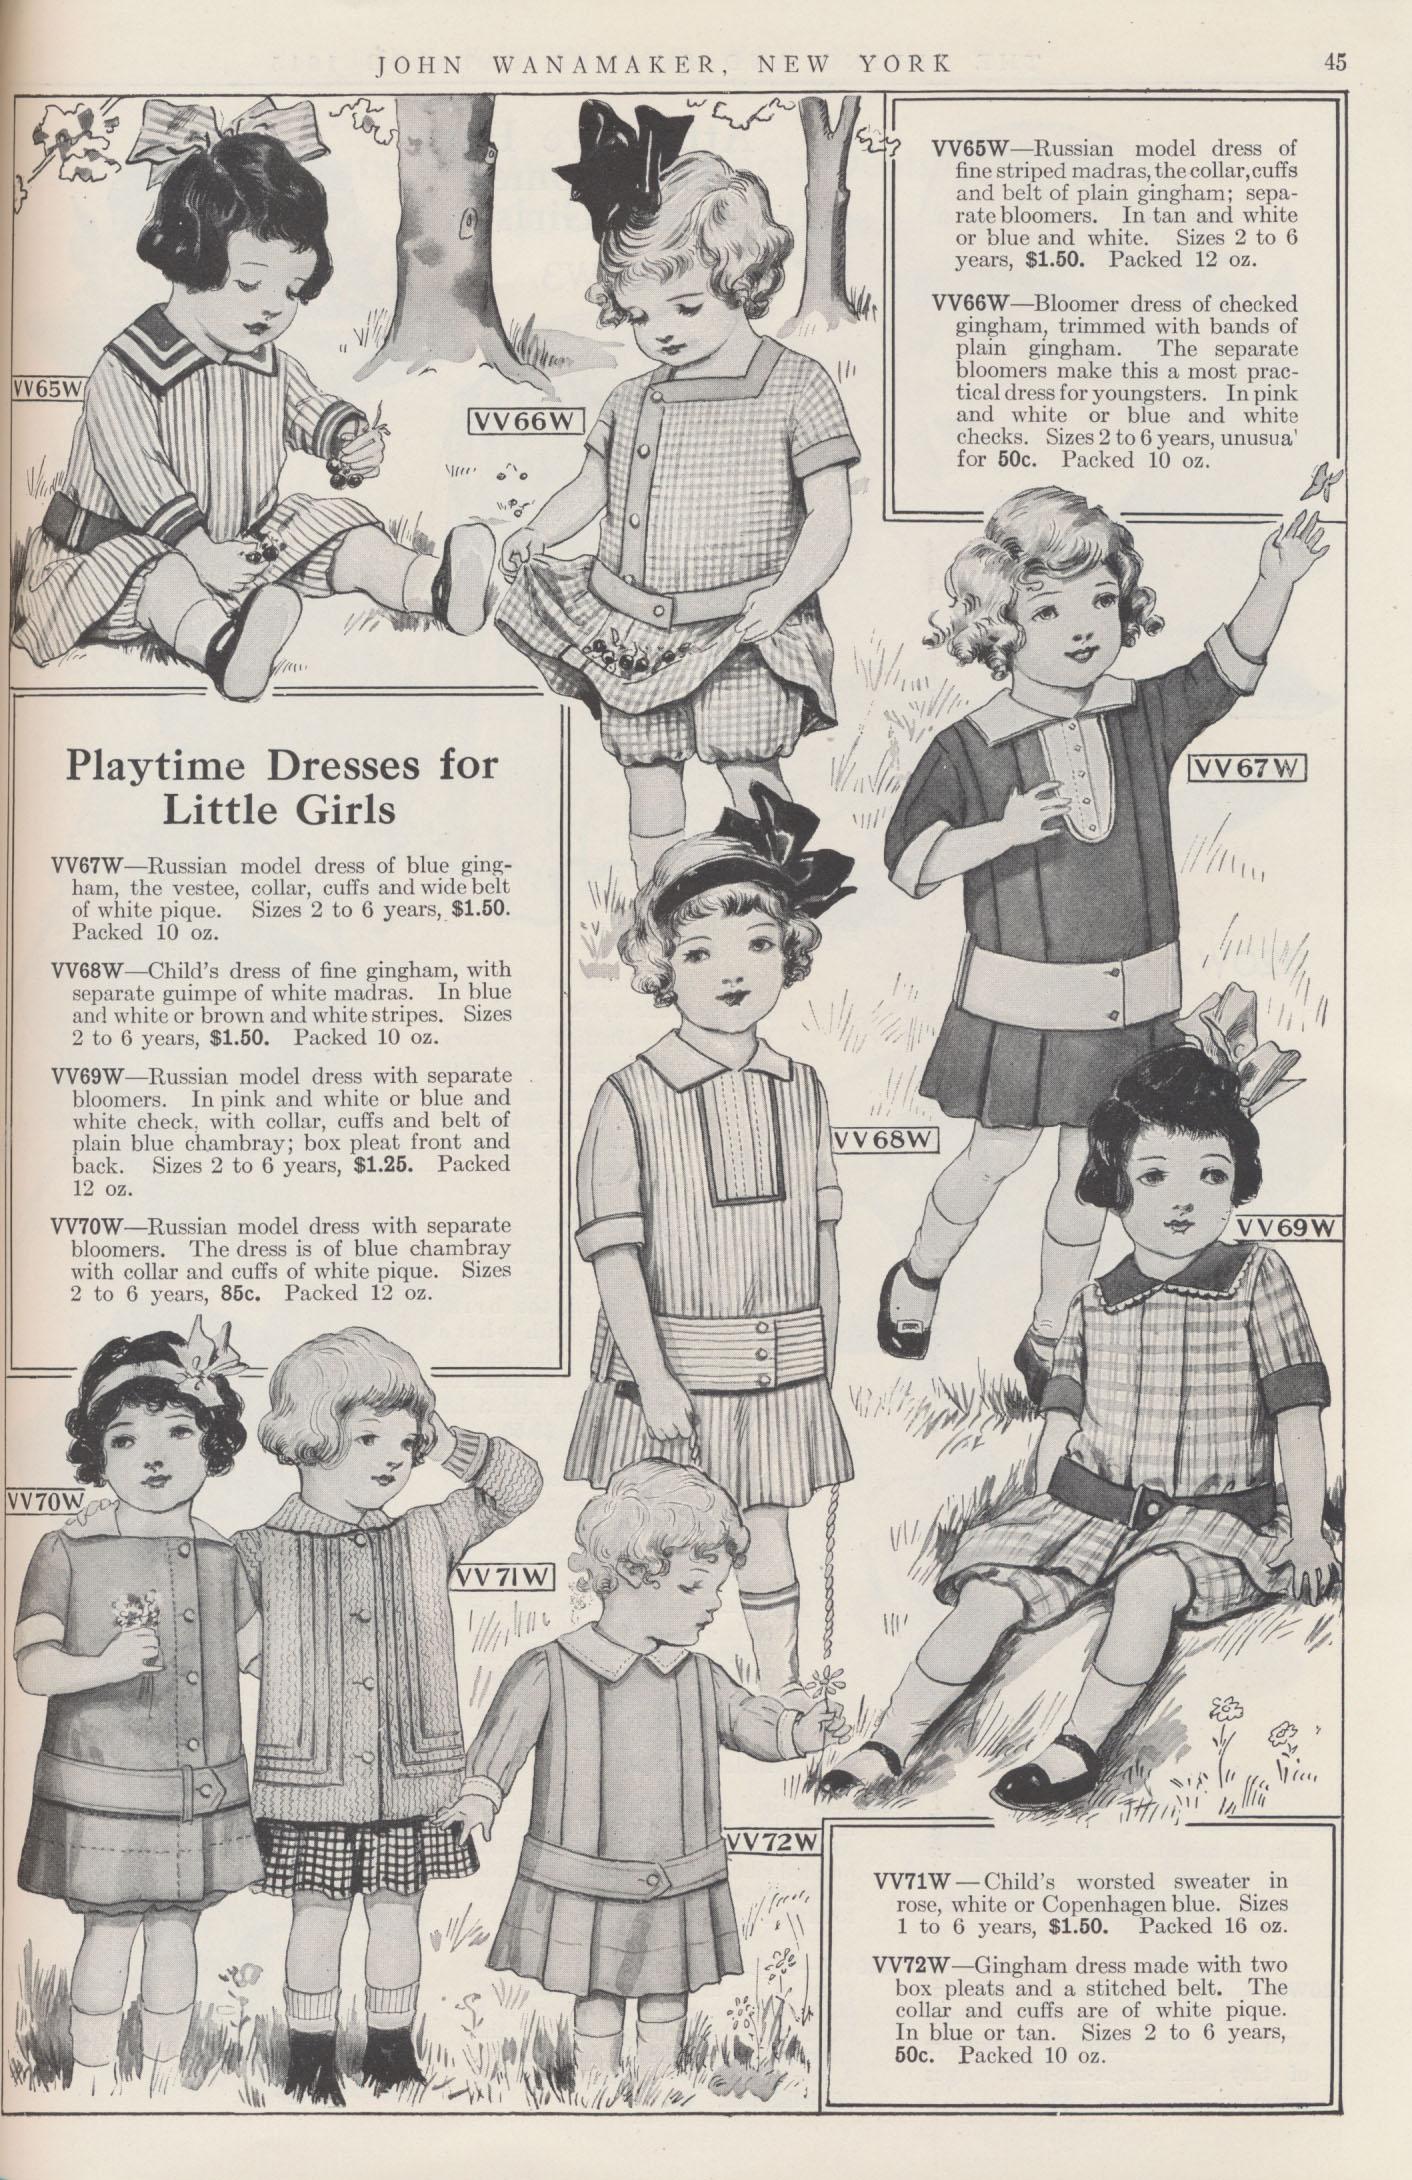 Girls' Playtime Dresses